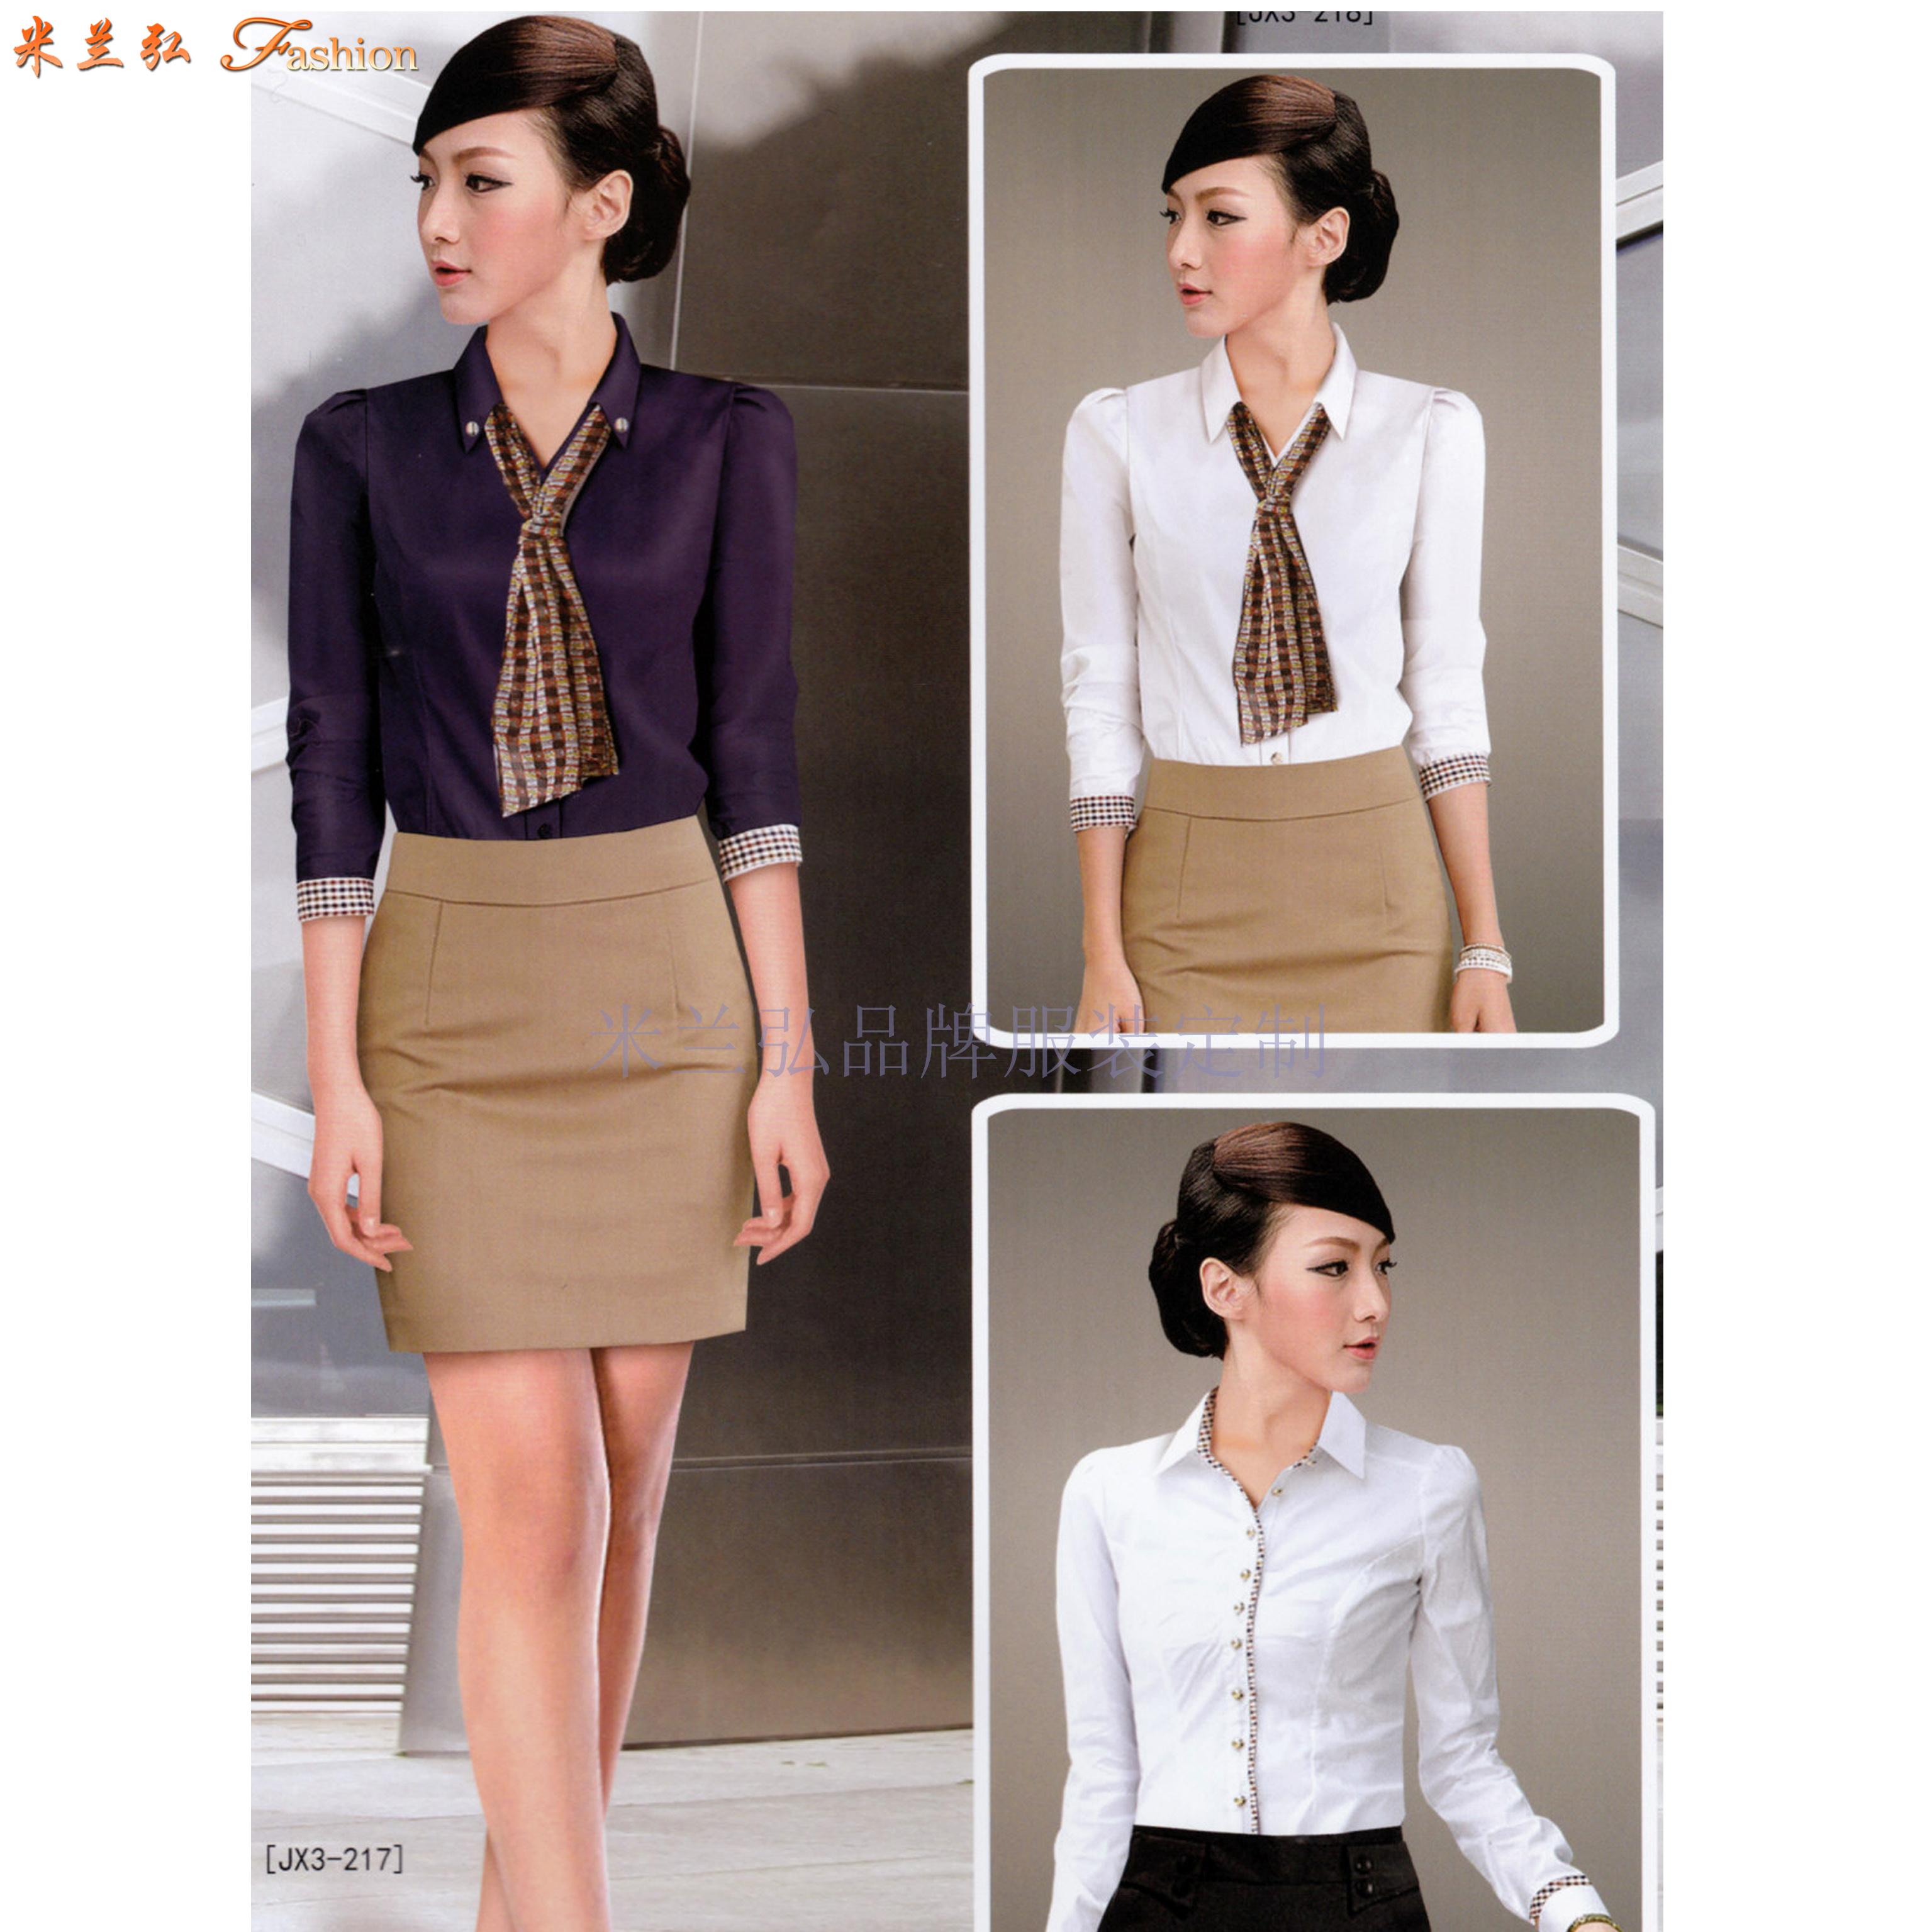 「襯衫搭配」廠家直銷男士女士工作服襯衫搭配款式-米蘭弘服裝-1